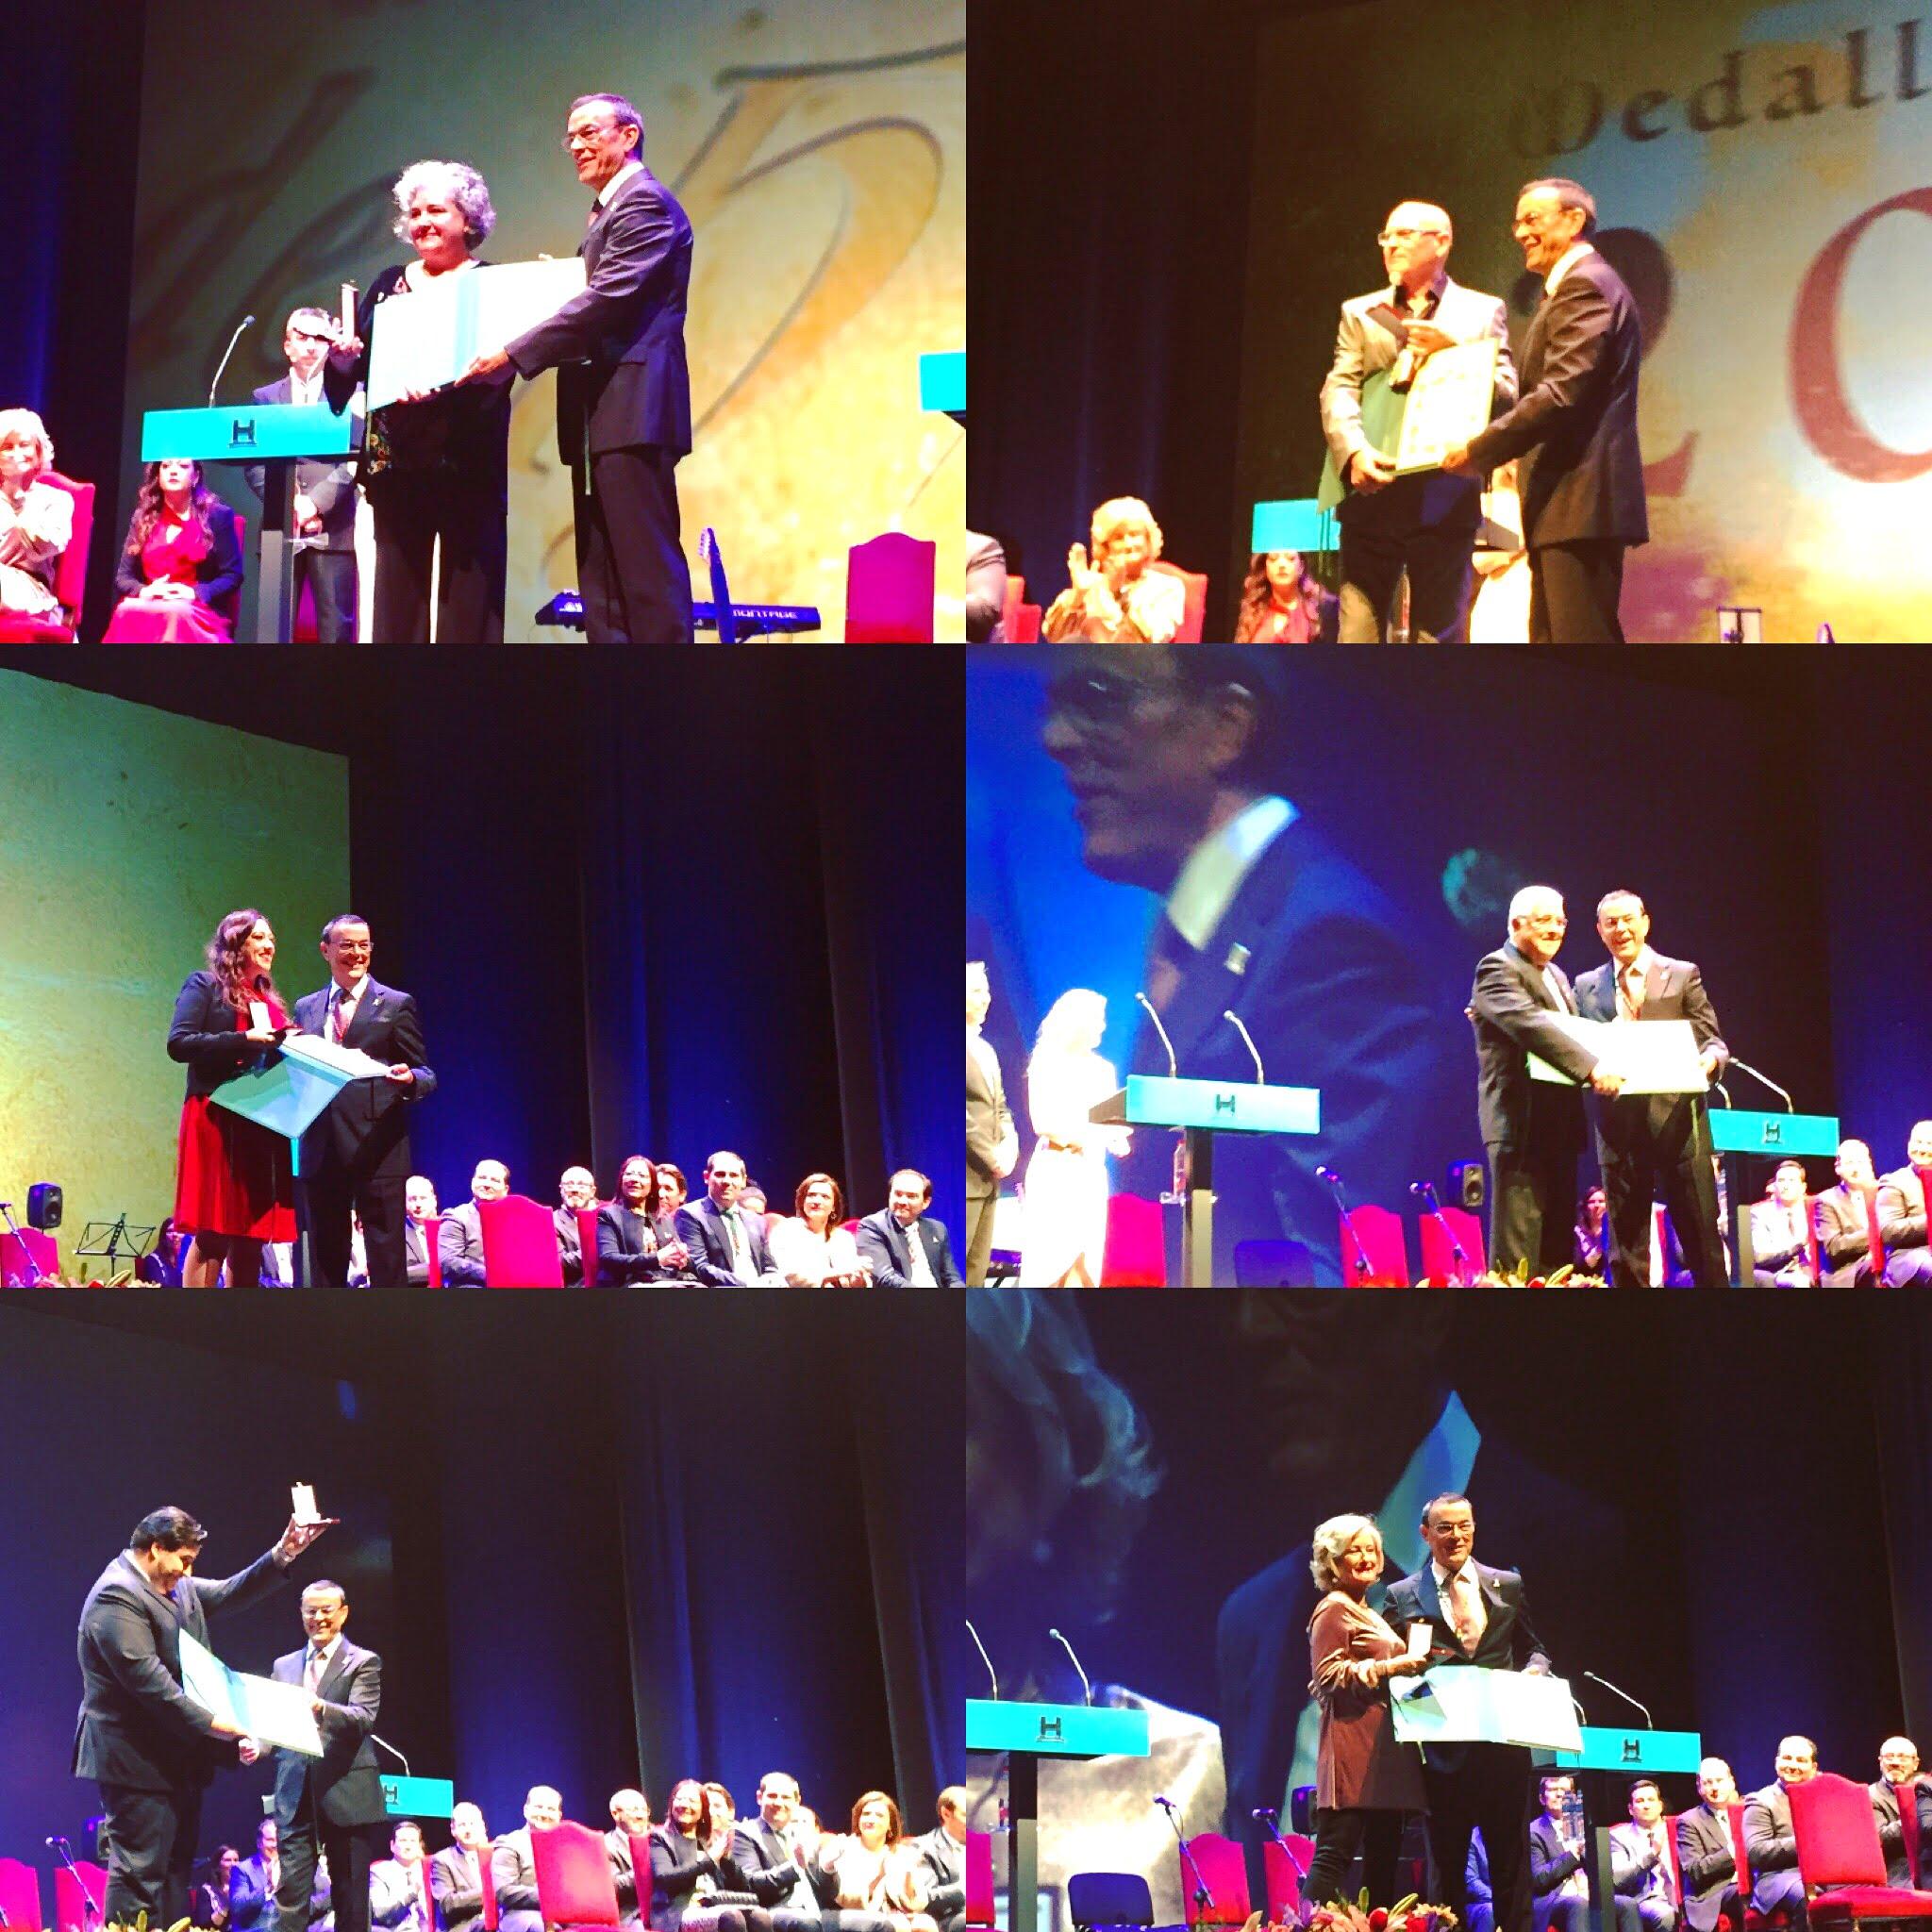 En el acto se ha hecho entrega de la Medalla de Oro a los galardonados de este año